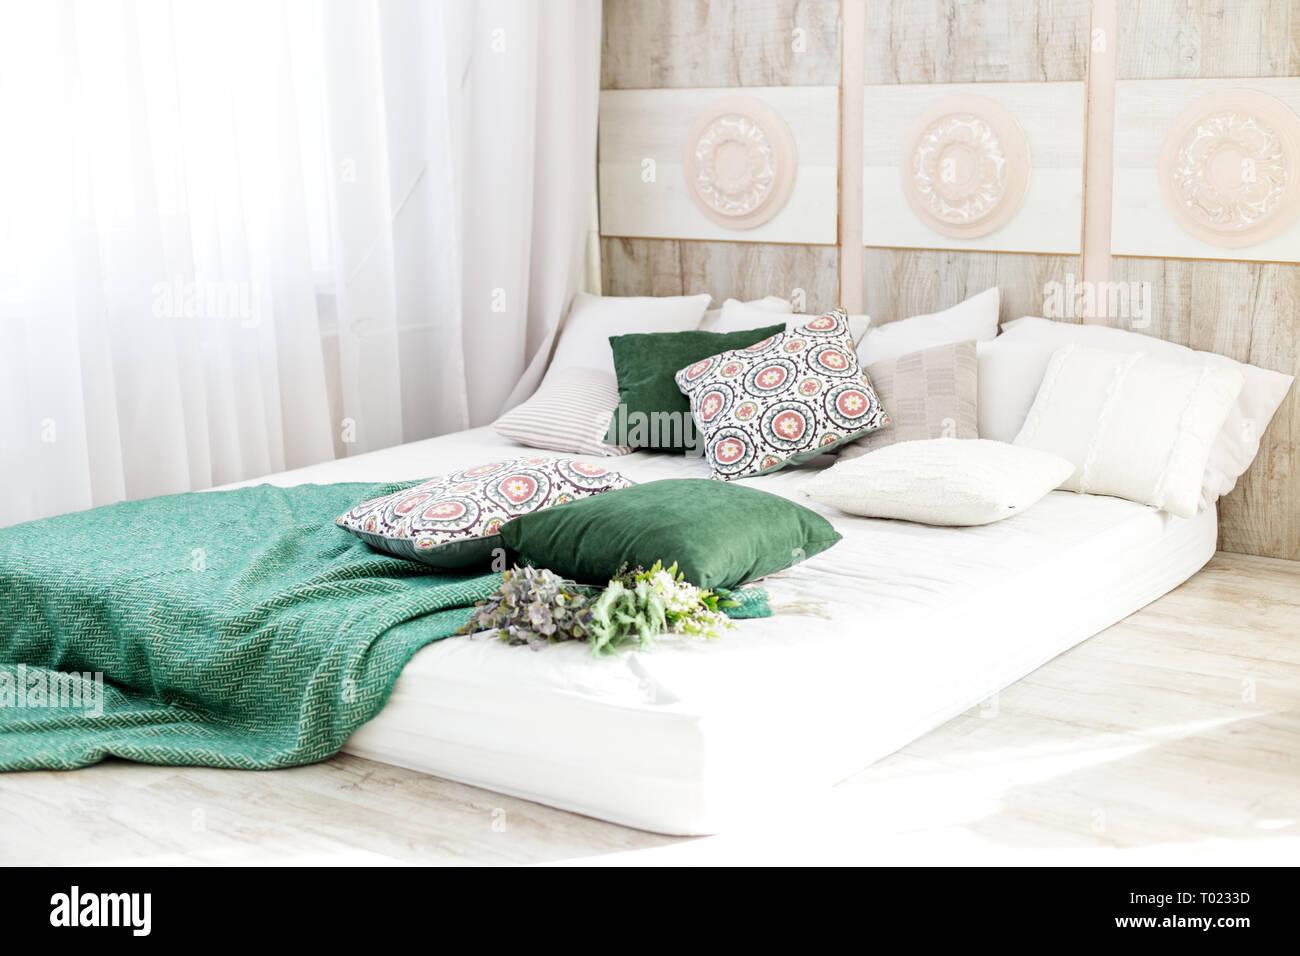 Innenausstattung Schlafzimmer mit einem Bett. Konzept ...